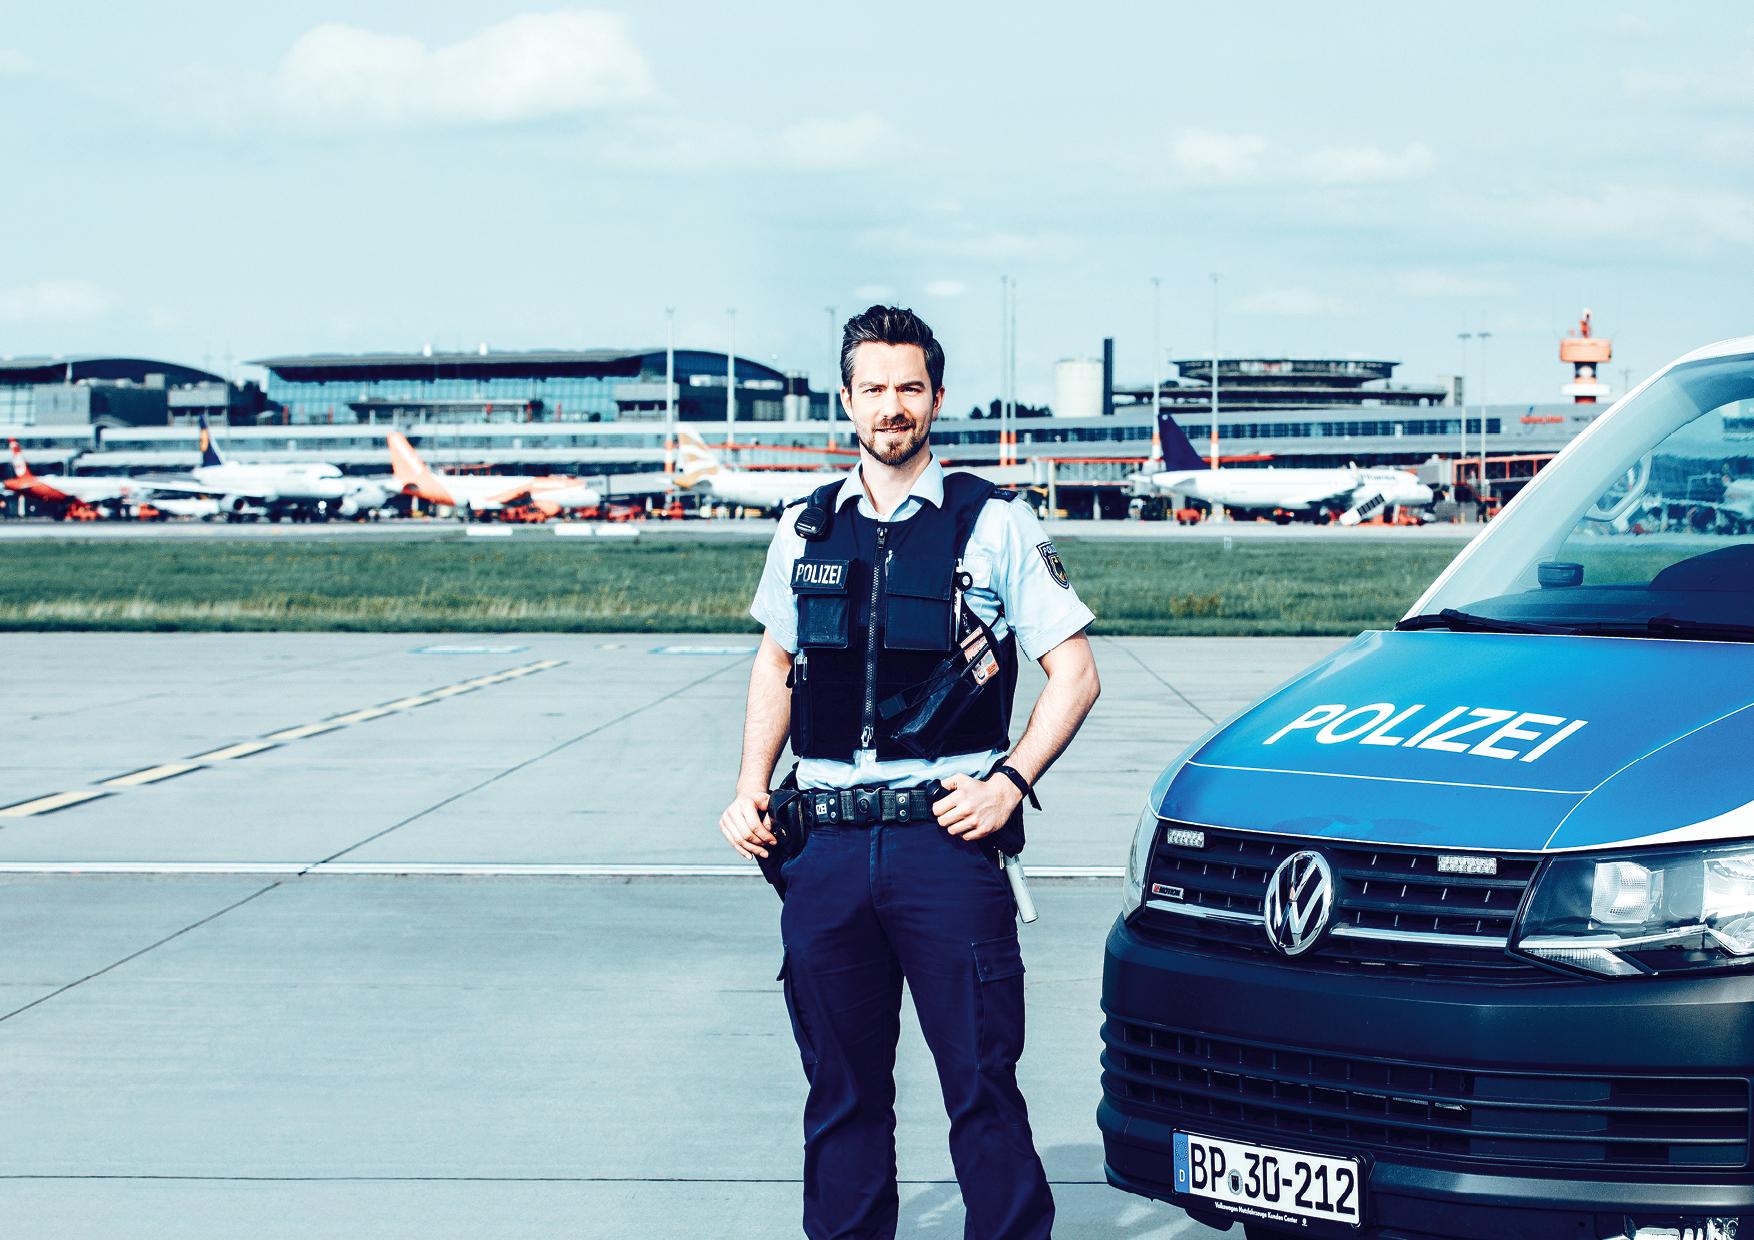 BPOL_Motive_solo_Luftsicherheit_Jan.jpg – Bundespolizei, Einstellungsberatung Bunde